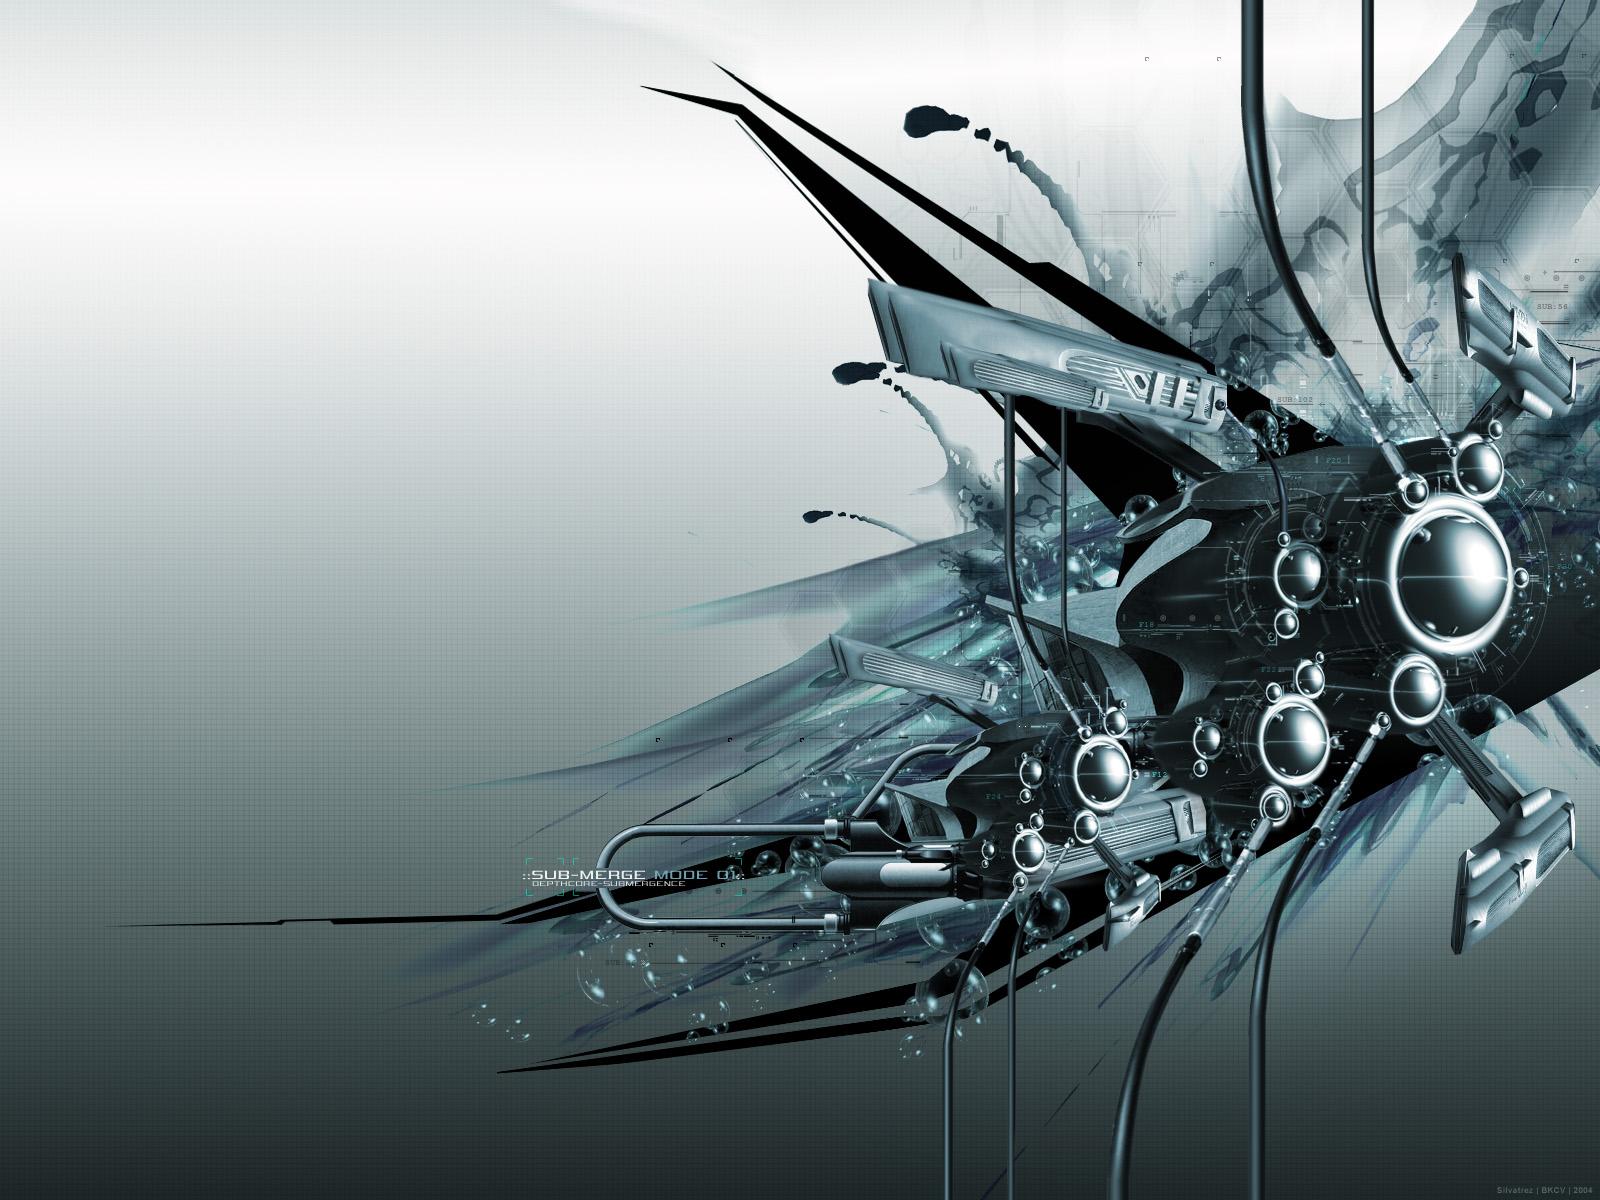 http://4.bp.blogspot.com/-Q3yOGId-4UA/TagmD44KbAI/AAAAAAAAAD0/BXHWjTJtYMo/s1600/abstract_0056.jpg